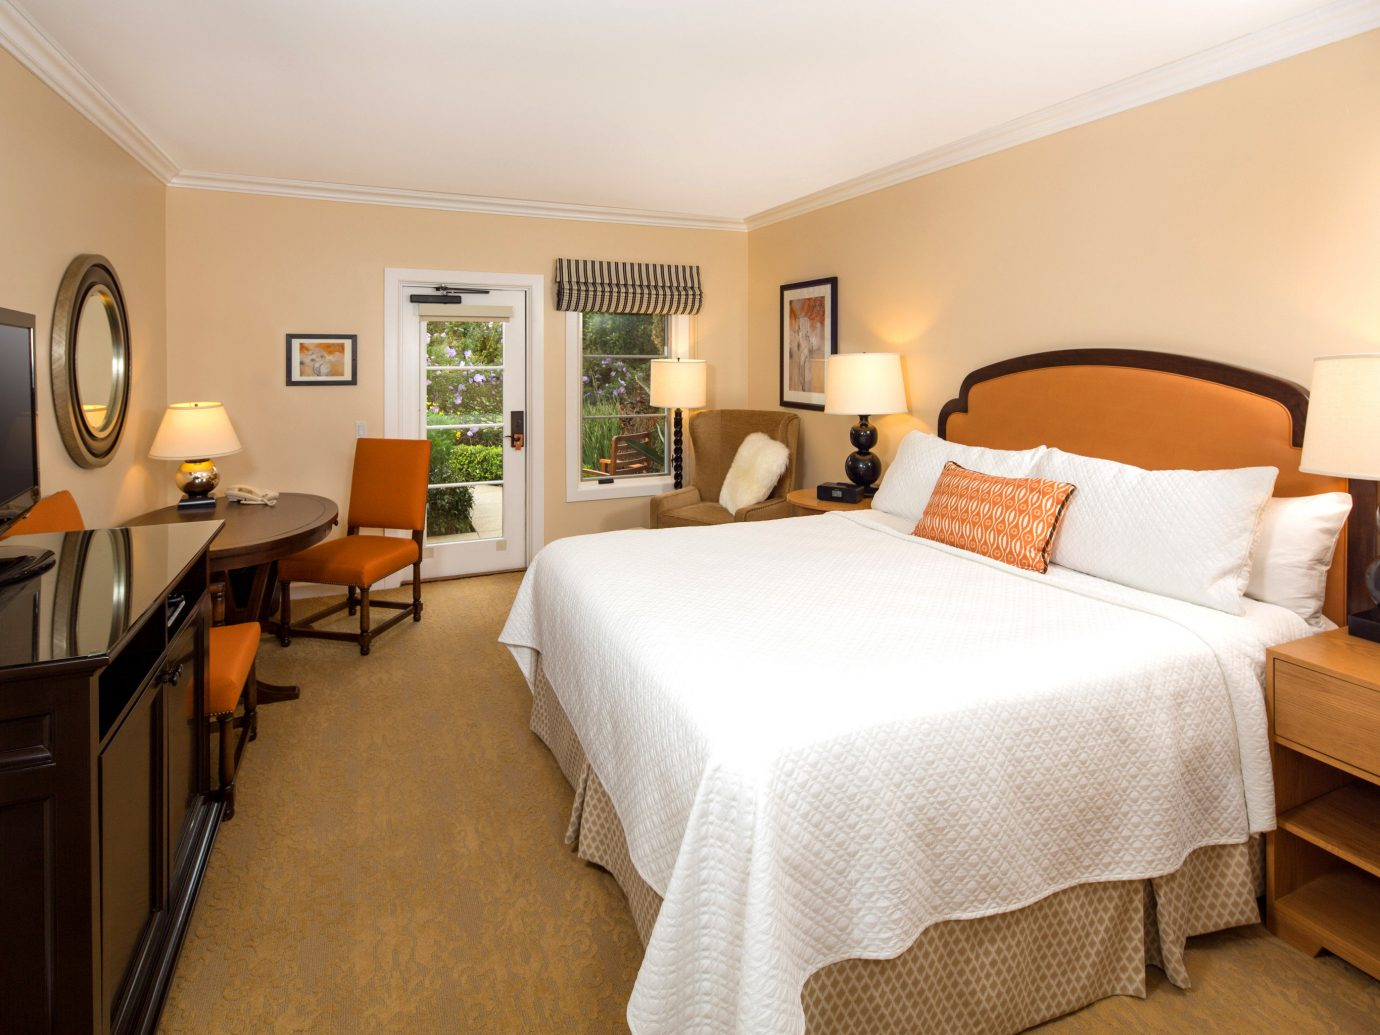 Bedroom At Estancia La Jolla Hotel And Spa, San Diego